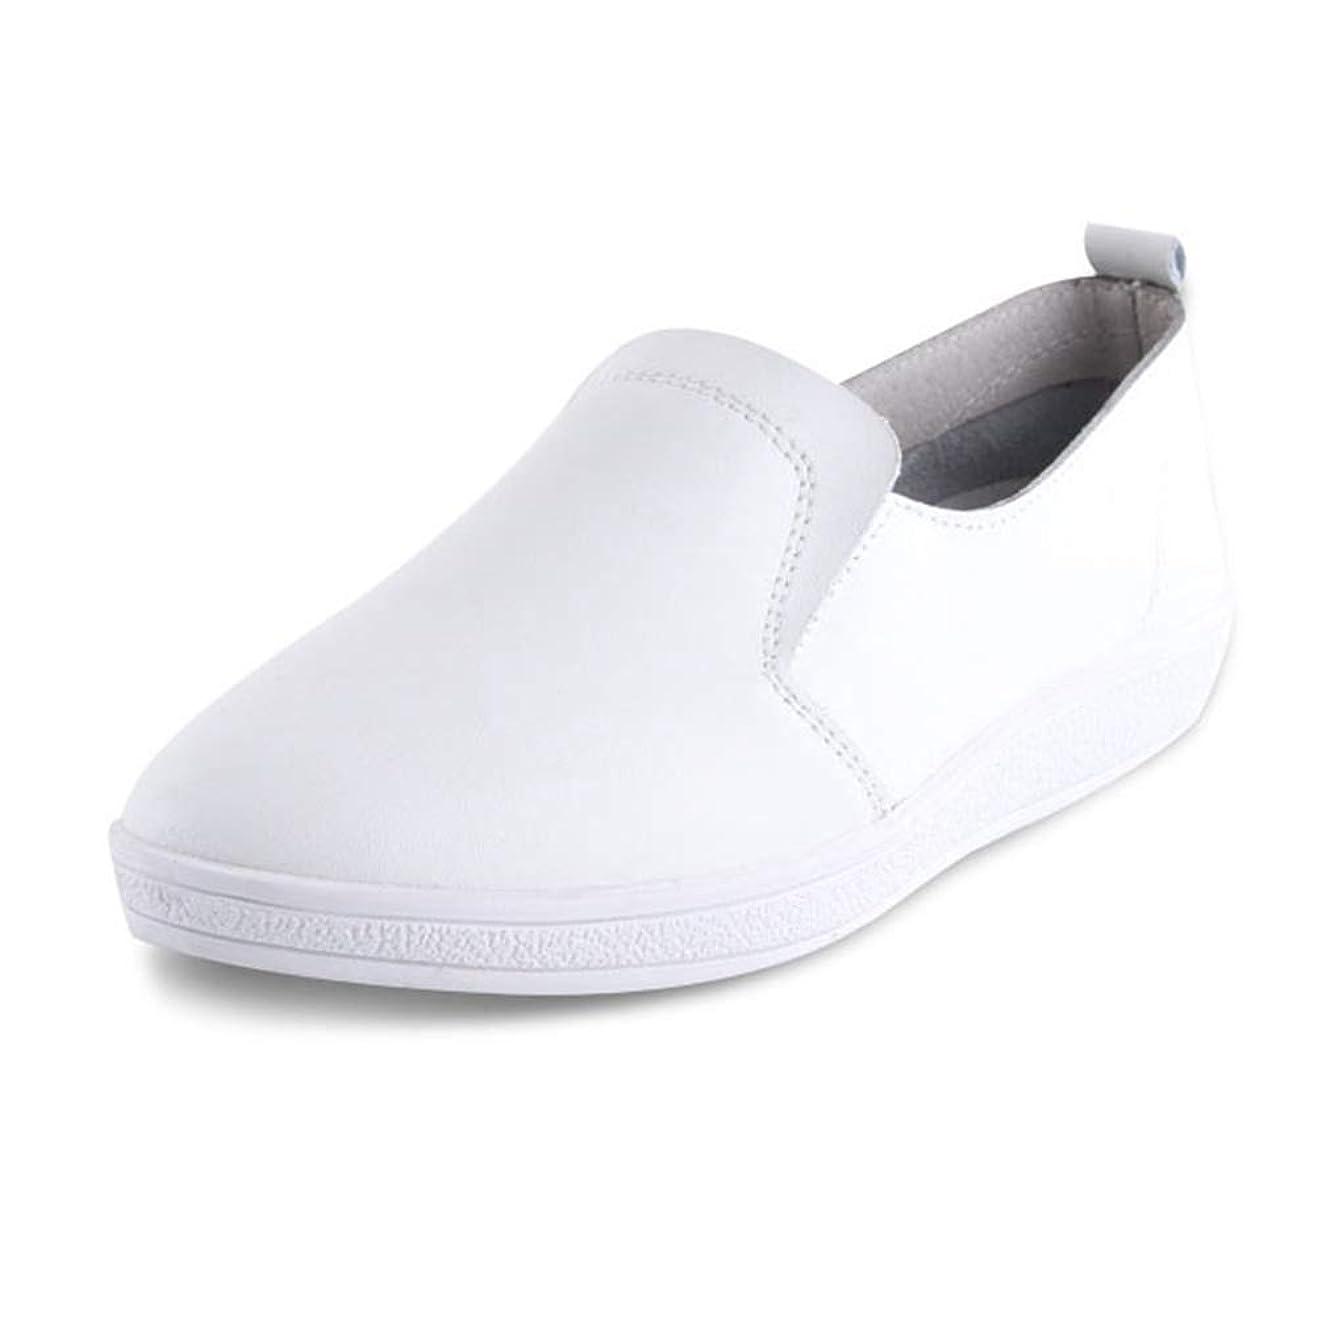 かまど発見木製ぺたんこ ローファー レディース ポインテッドトゥ 大きいサイズ サイドゴア フラット感 レザー パーティー トラベル 日常着用 大人 学生靴 履きやすい 柔らかい 白 黒